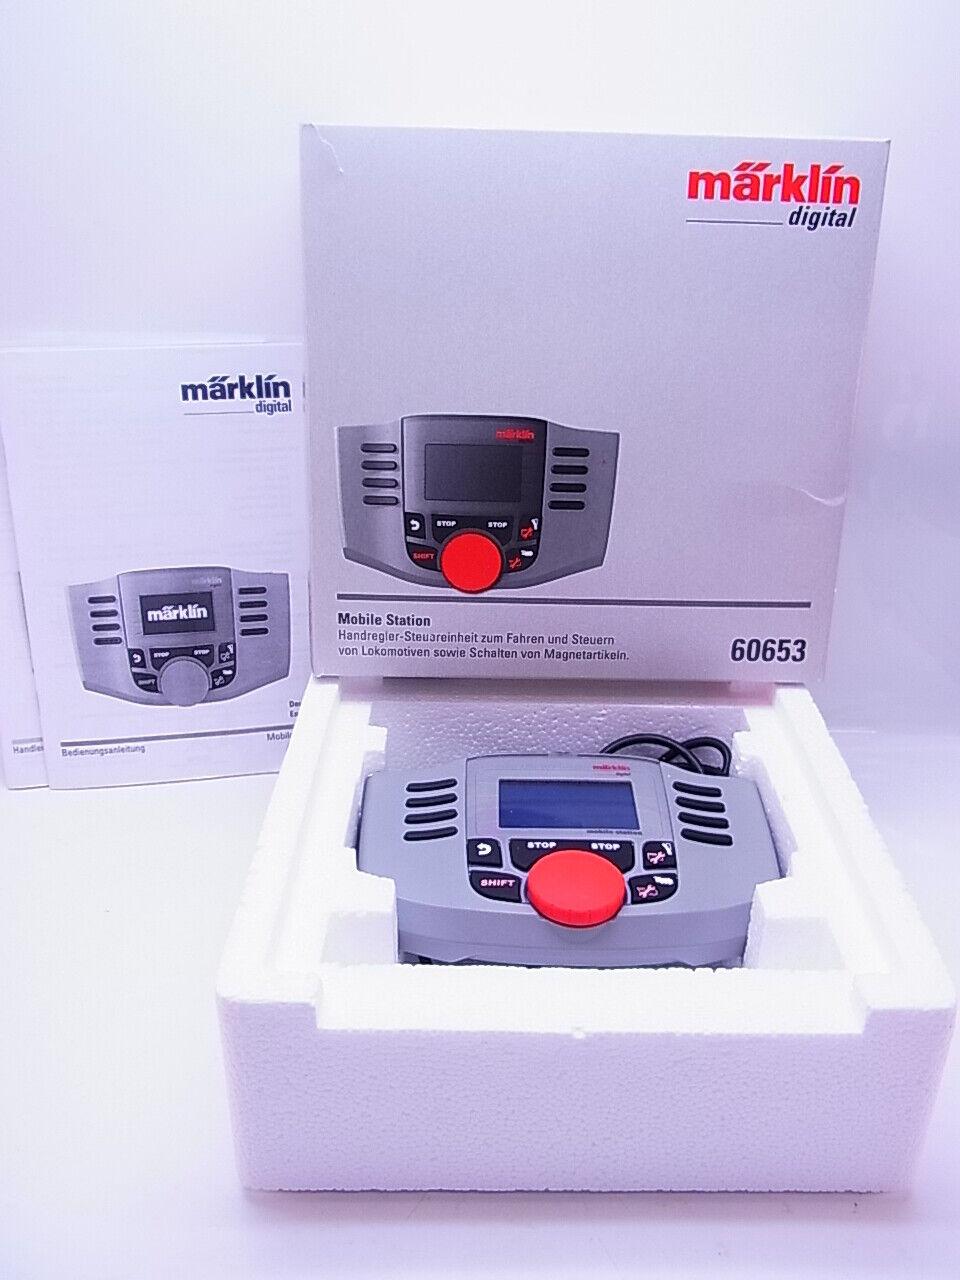 Lot 63851 marklin 60653 mobile station dispositivo di guida digitale esaminato centrale in scatola originale